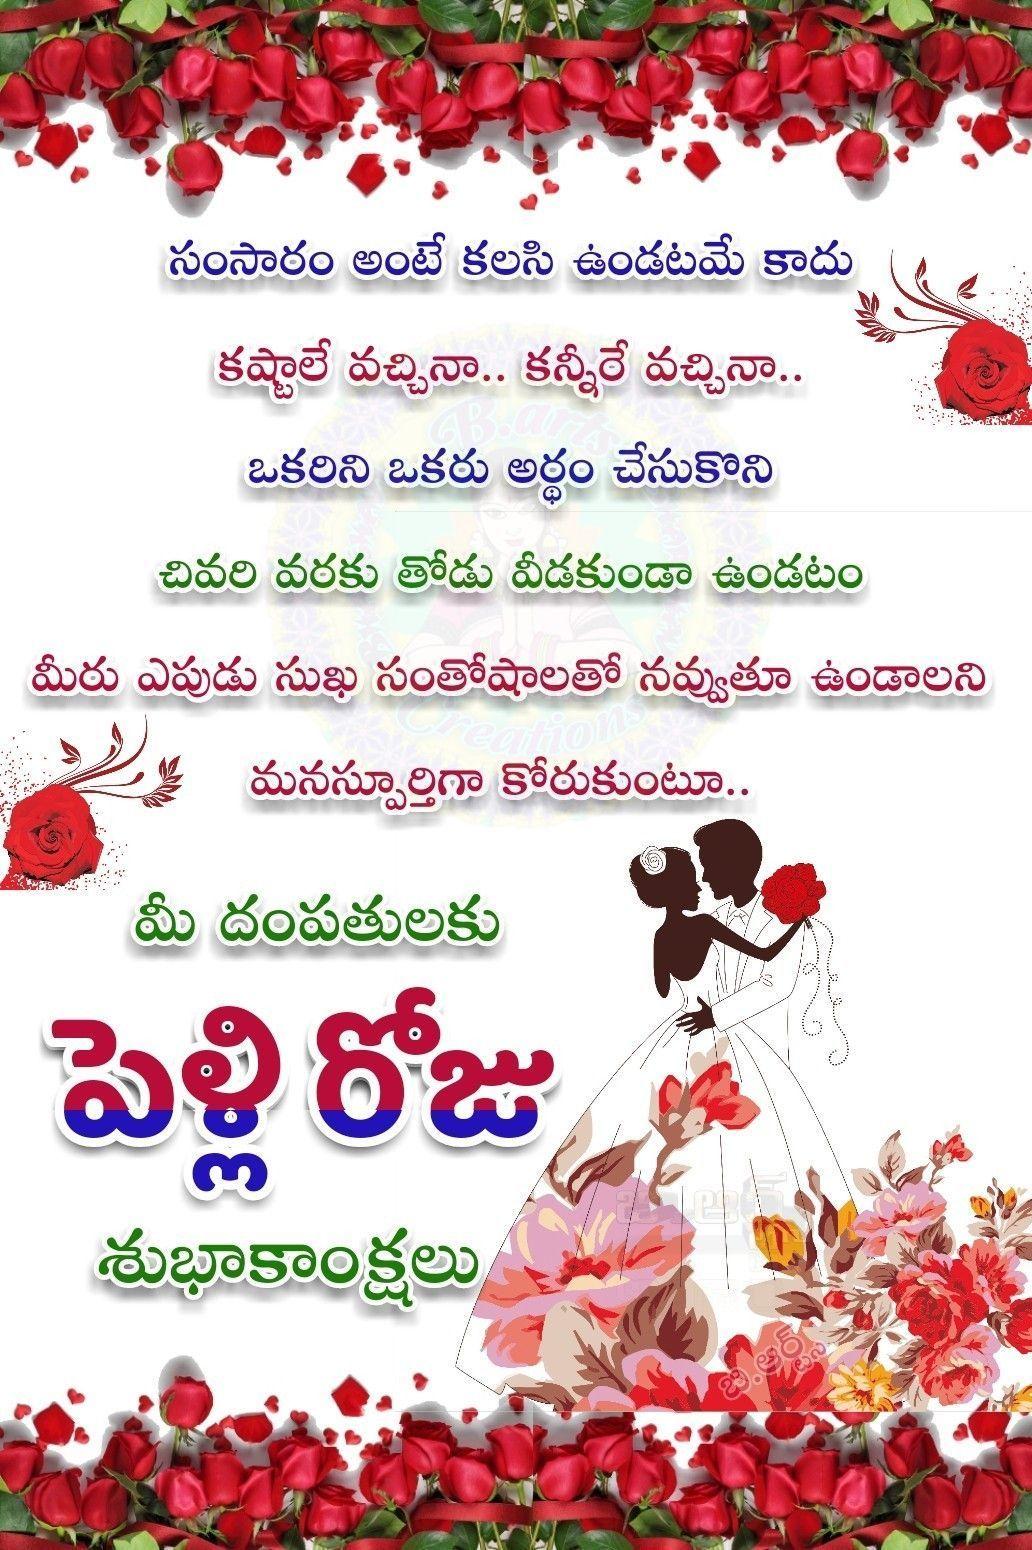 Happy Wedding Anniversary Annayya Annayya Anniversary Happy Wedding A Happy Wedding Anniversary Wishes Happy Anniversary Wishes Wedding Anniversary Wishes